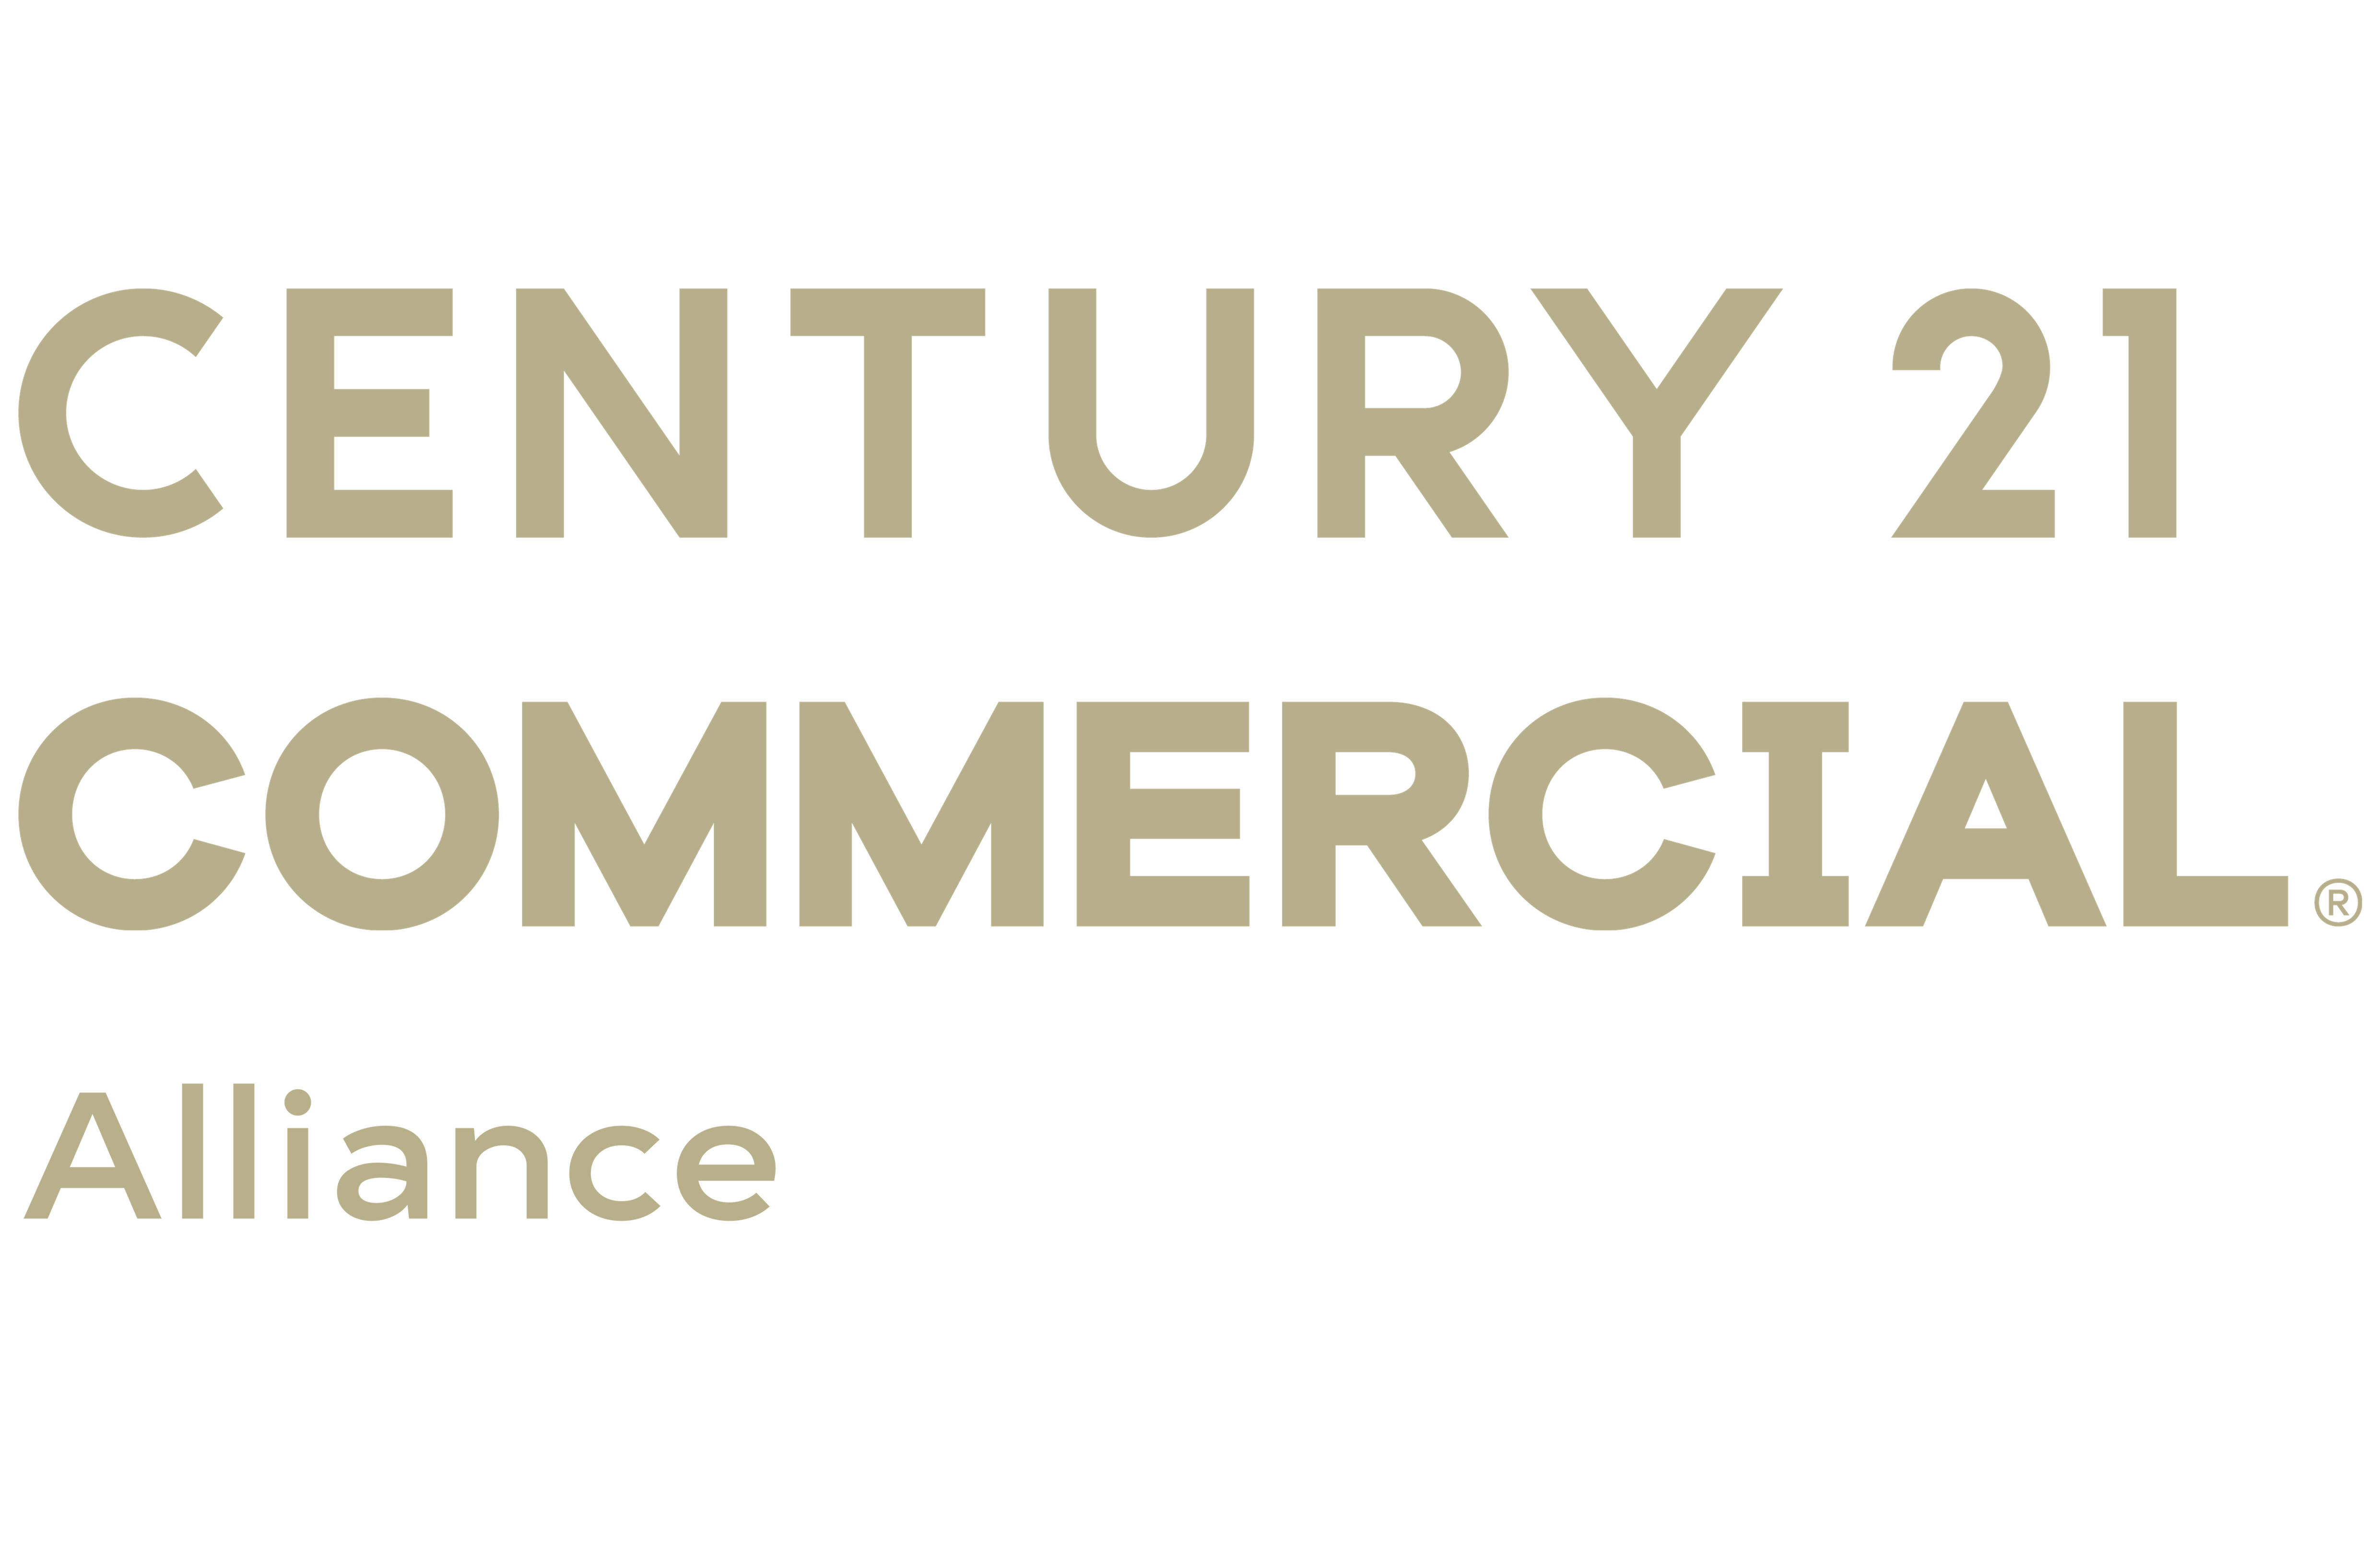 CENTURY 21 Alliance